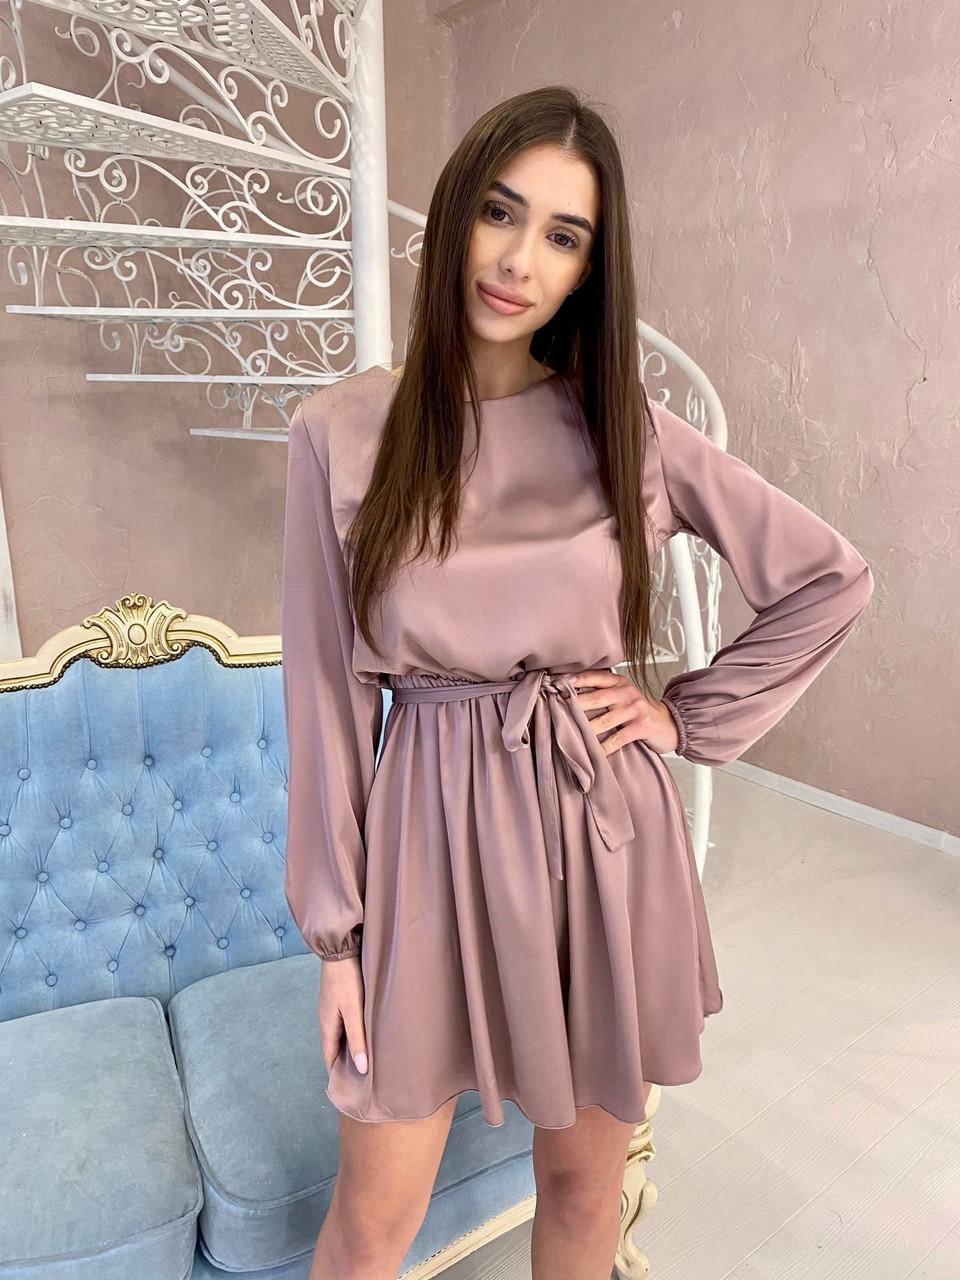 Шикарне міні шовкове плаття, 00518 (Мокко), Размер 44 (M)